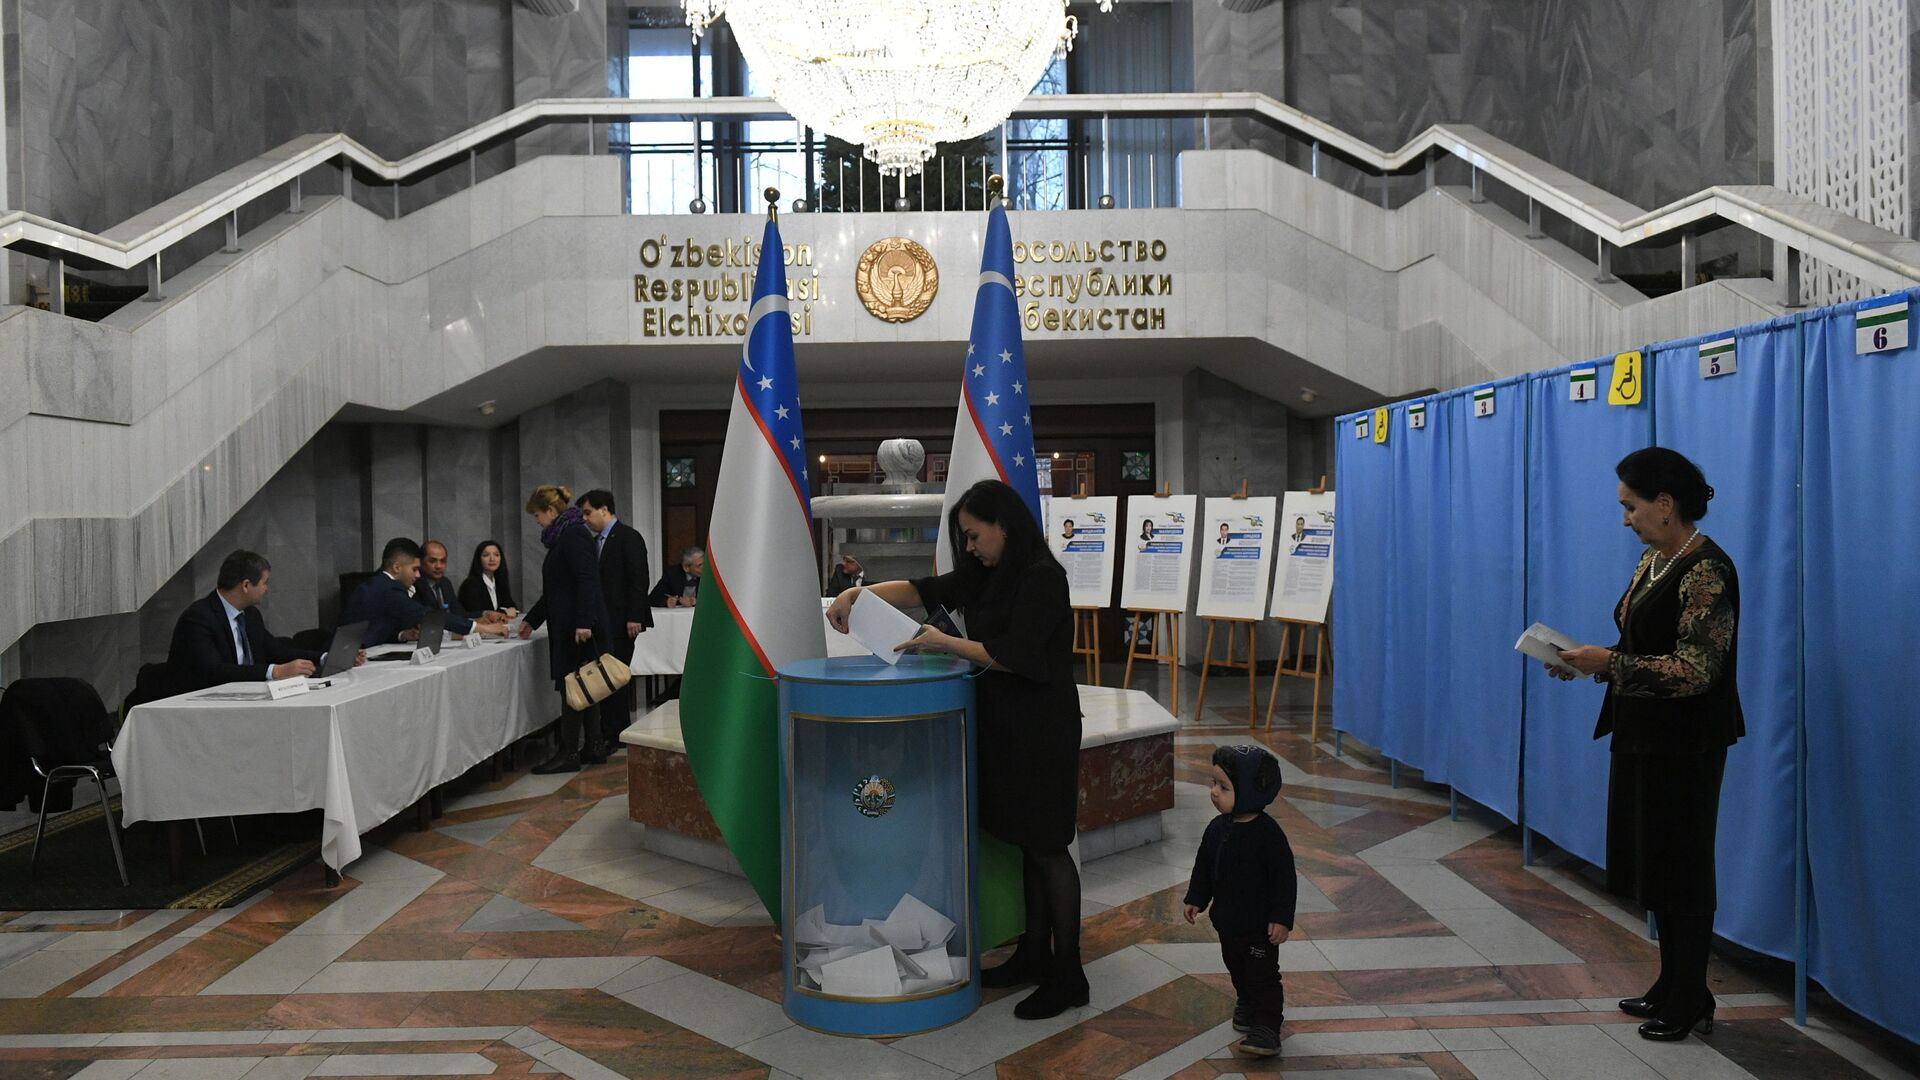 Как голосовали узбекистанцы в Москве на парламентских выборах - Sputnik Ўзбекистон, 1920, 04.10.2021